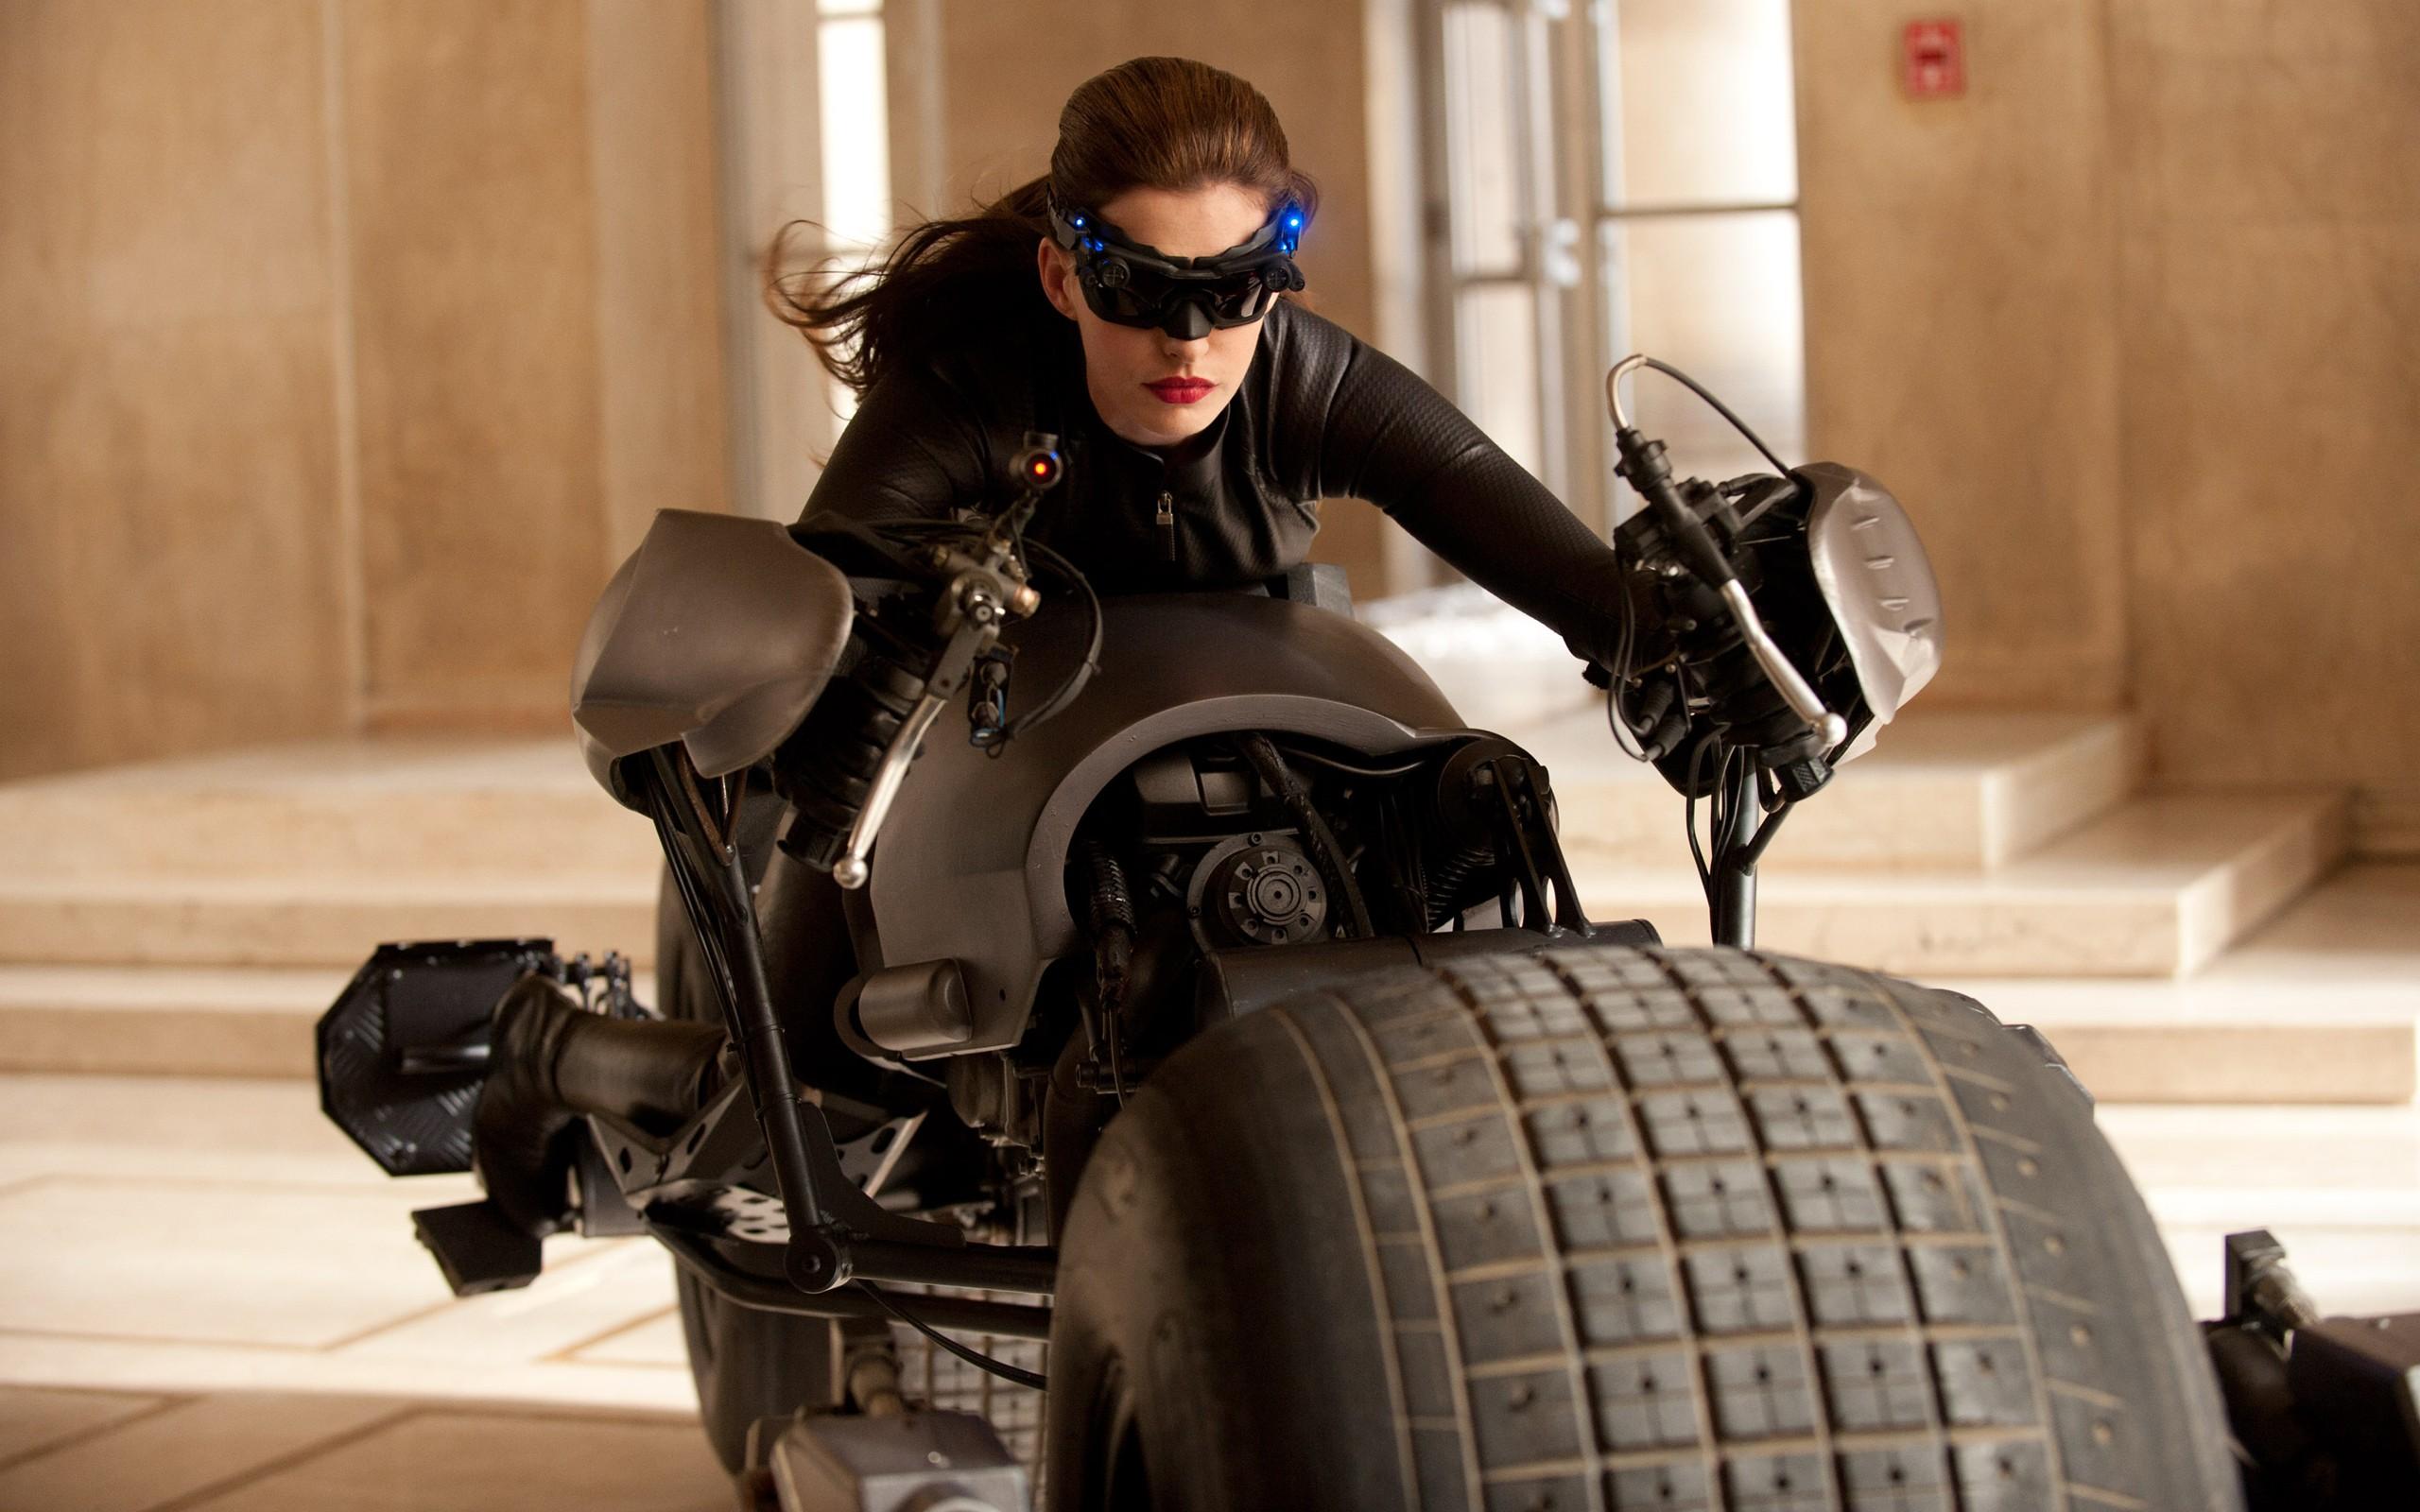 Sfondi Catwoman Film Attrice Moda Militare Macchina Anne